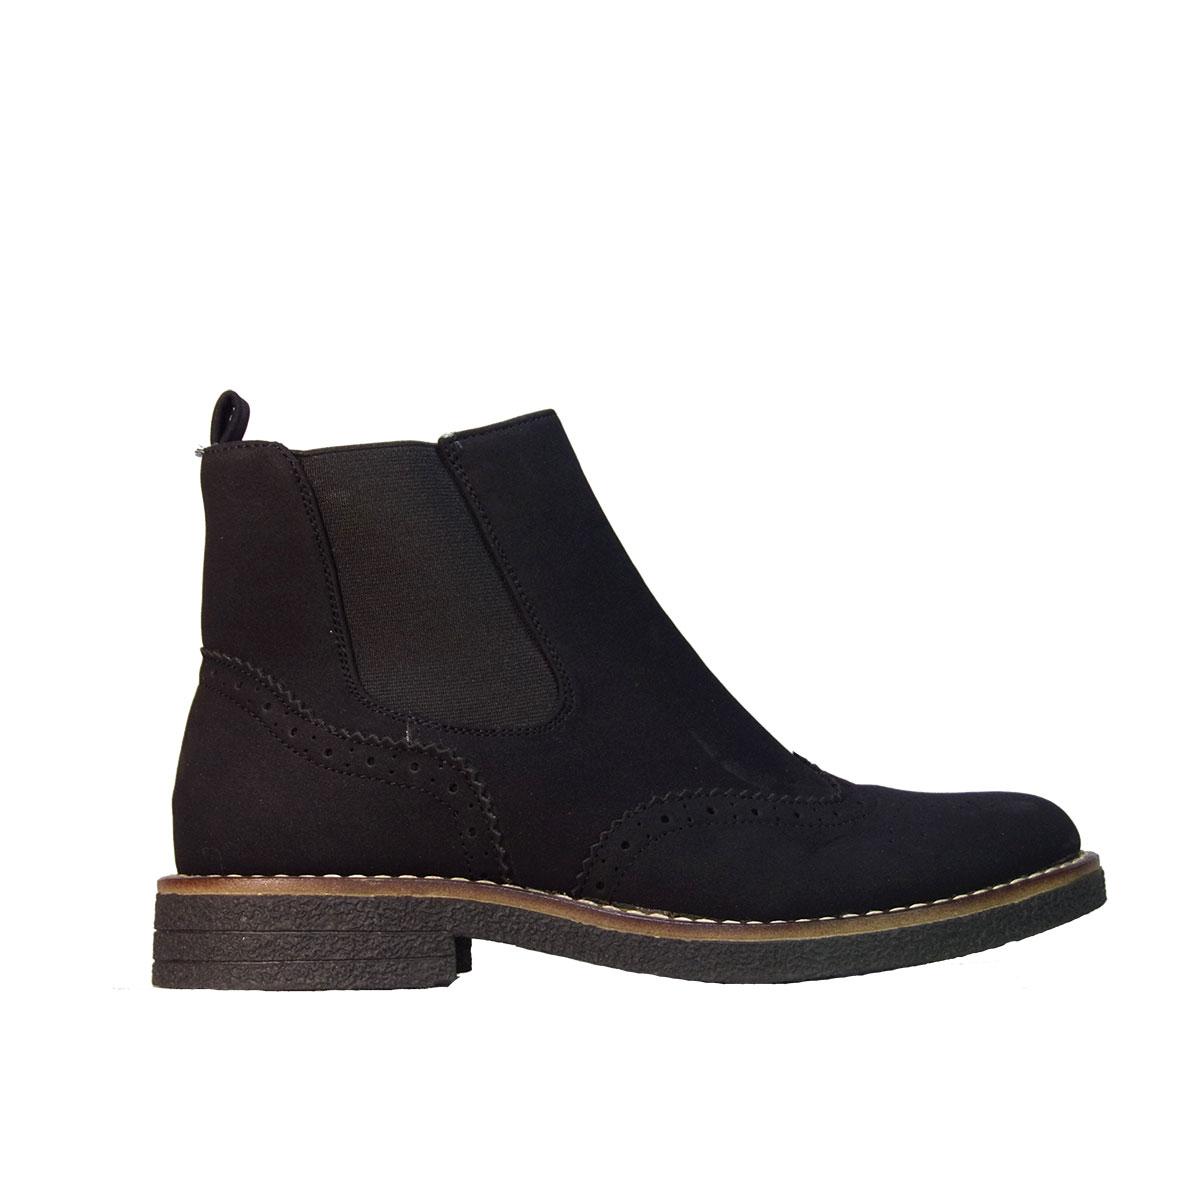 38b5e14f53c Ideal Shoes 5355 Γυναικεία Μποτάκια Χαμηλά Suede Μαύρο